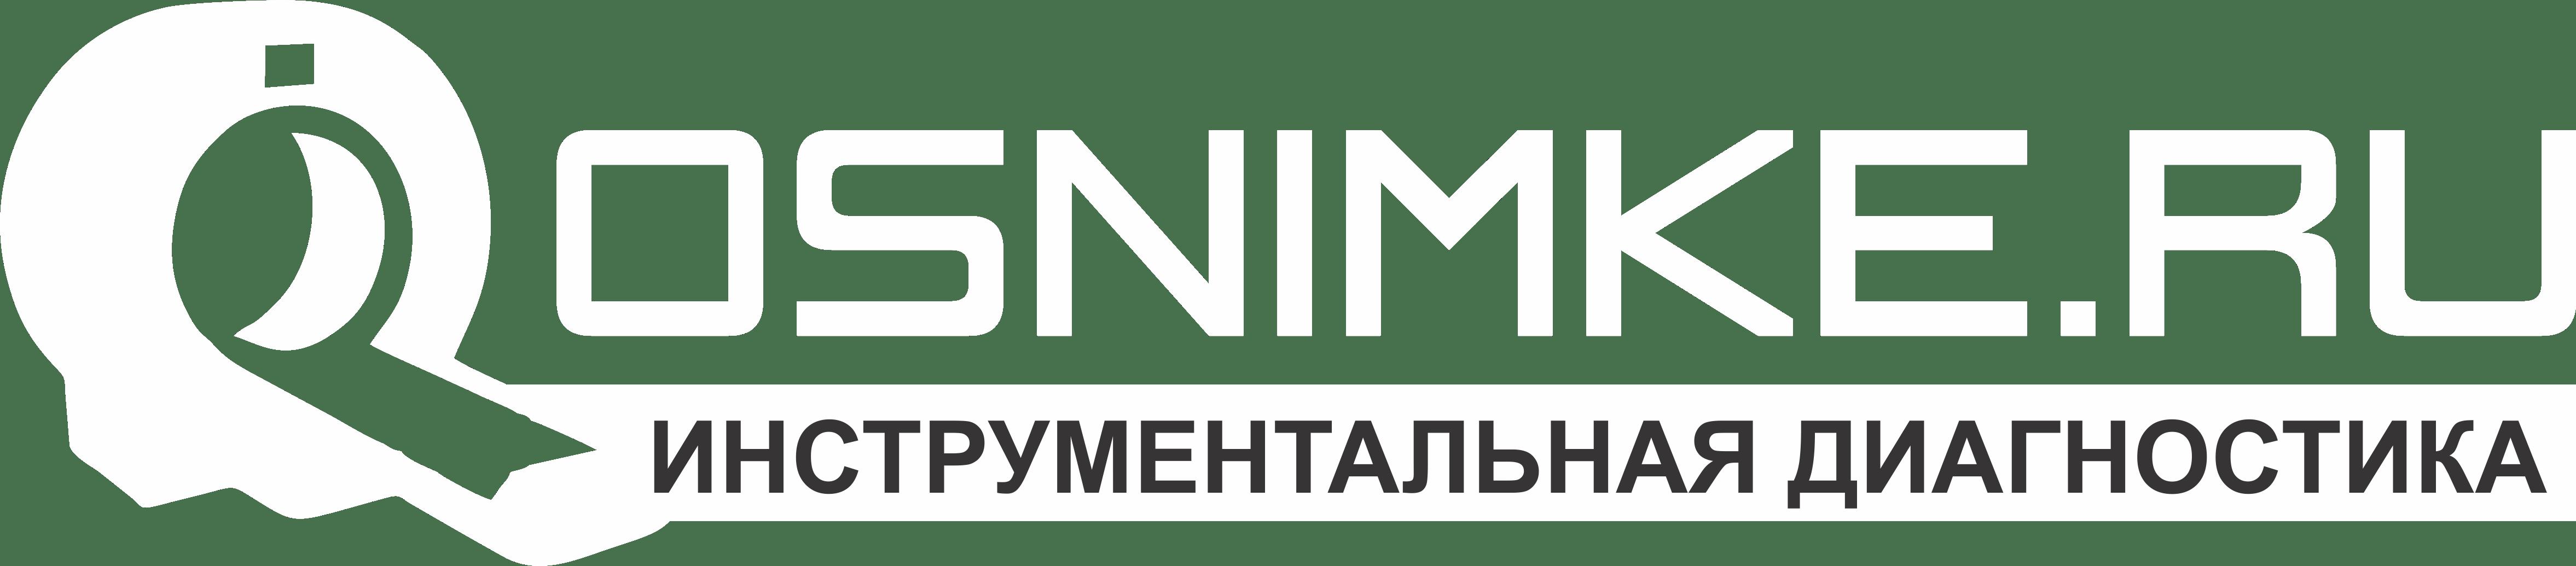 Оснимке.ру